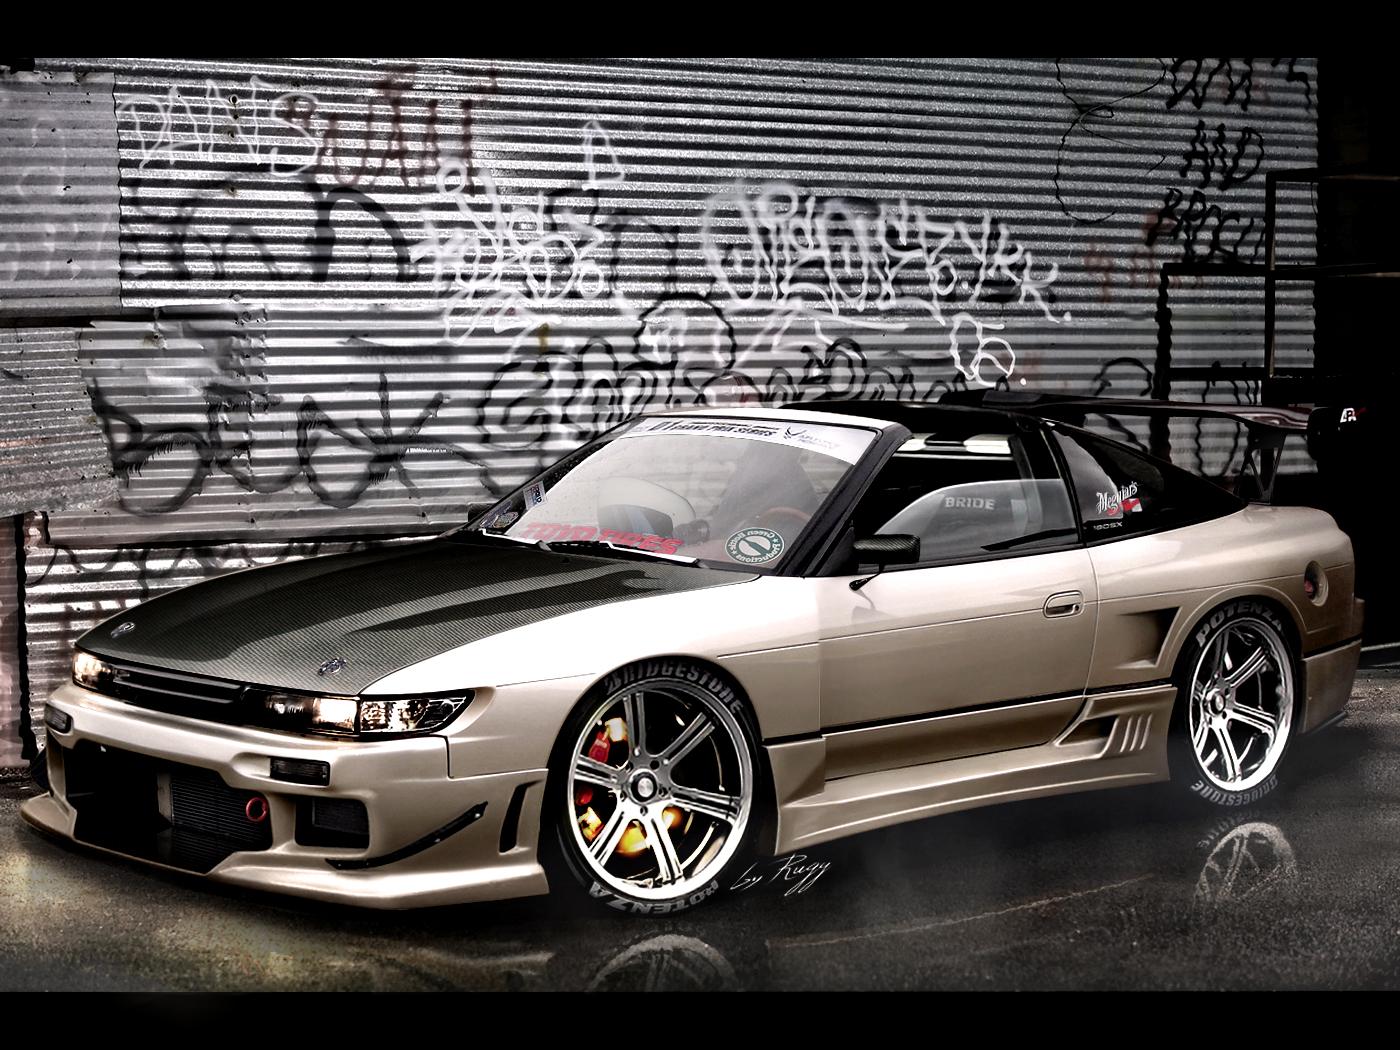 http://2.bp.blogspot.com/-AuXiyOl5ad4/TVj3jI0XLuI/AAAAAAAAARw/w9wC1gm8H50/s1600/Nissan_Silvia___Front___by_Rugy2000.jpg